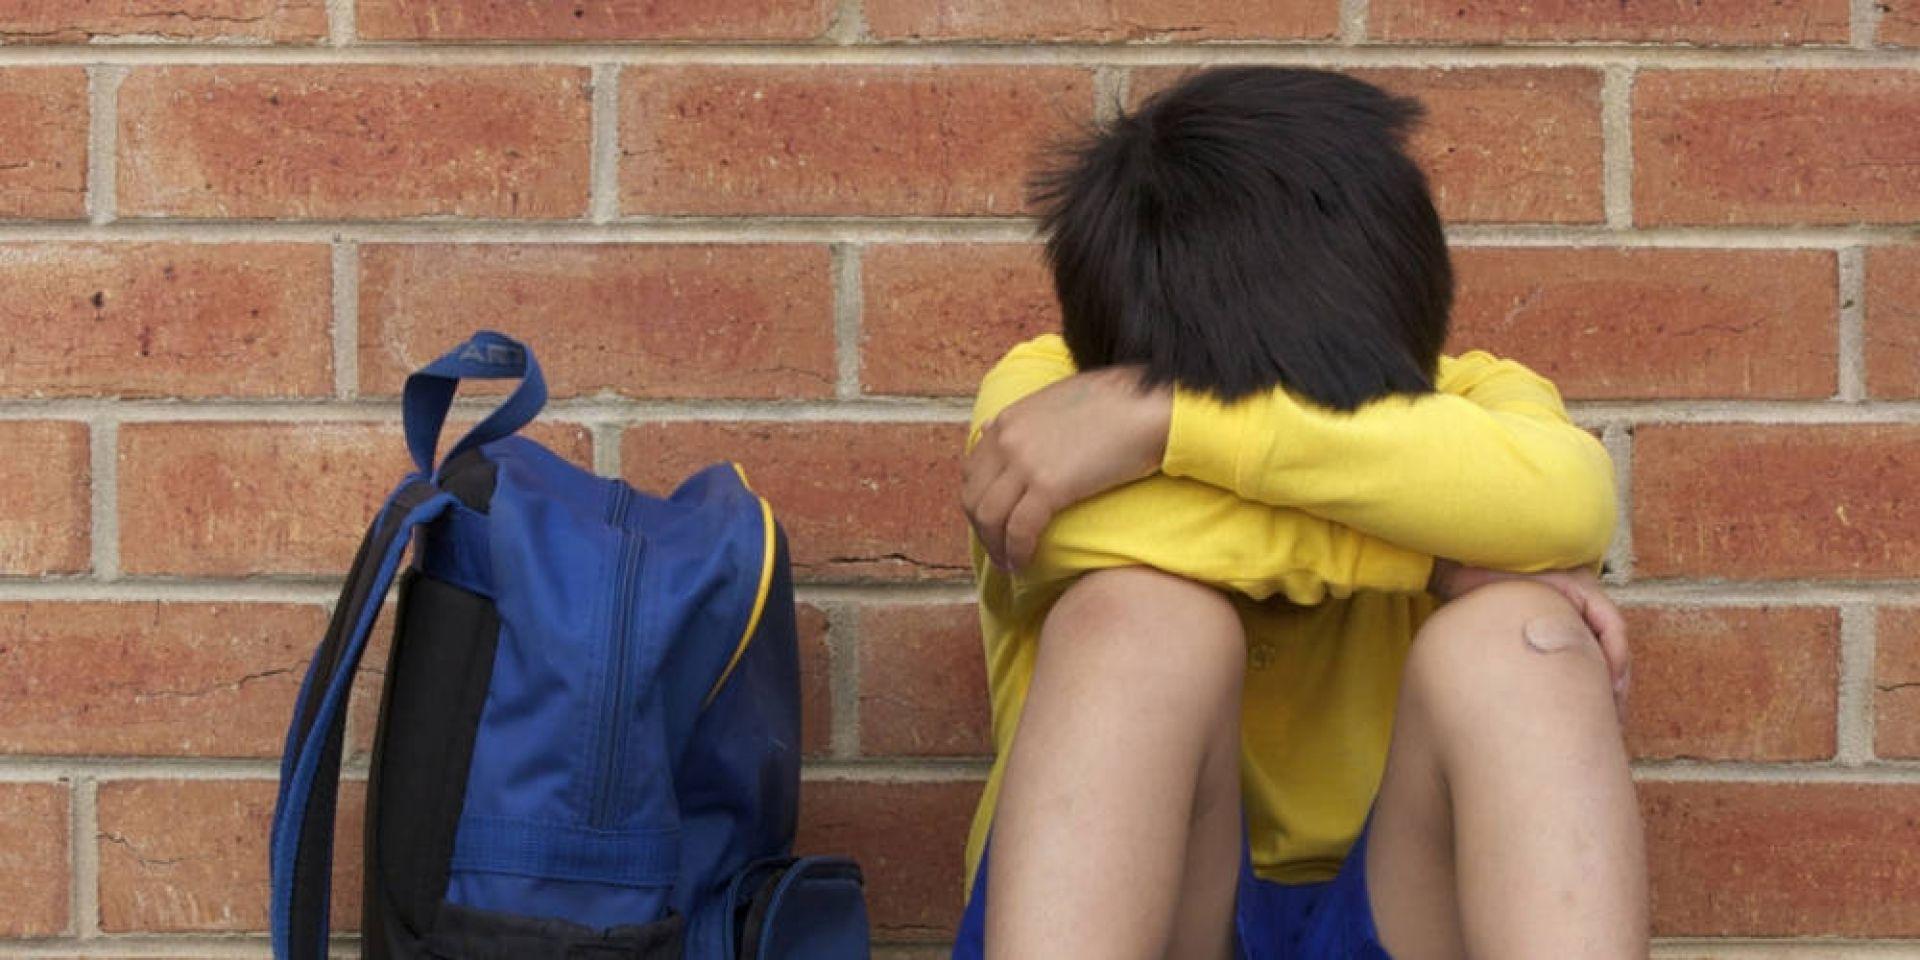 Ρέθυμνο: Μαθητής δημοτικού έπεσε θύμα bullying – Τον χτυπούσαν, ενώ τραβούσαν βίντεο